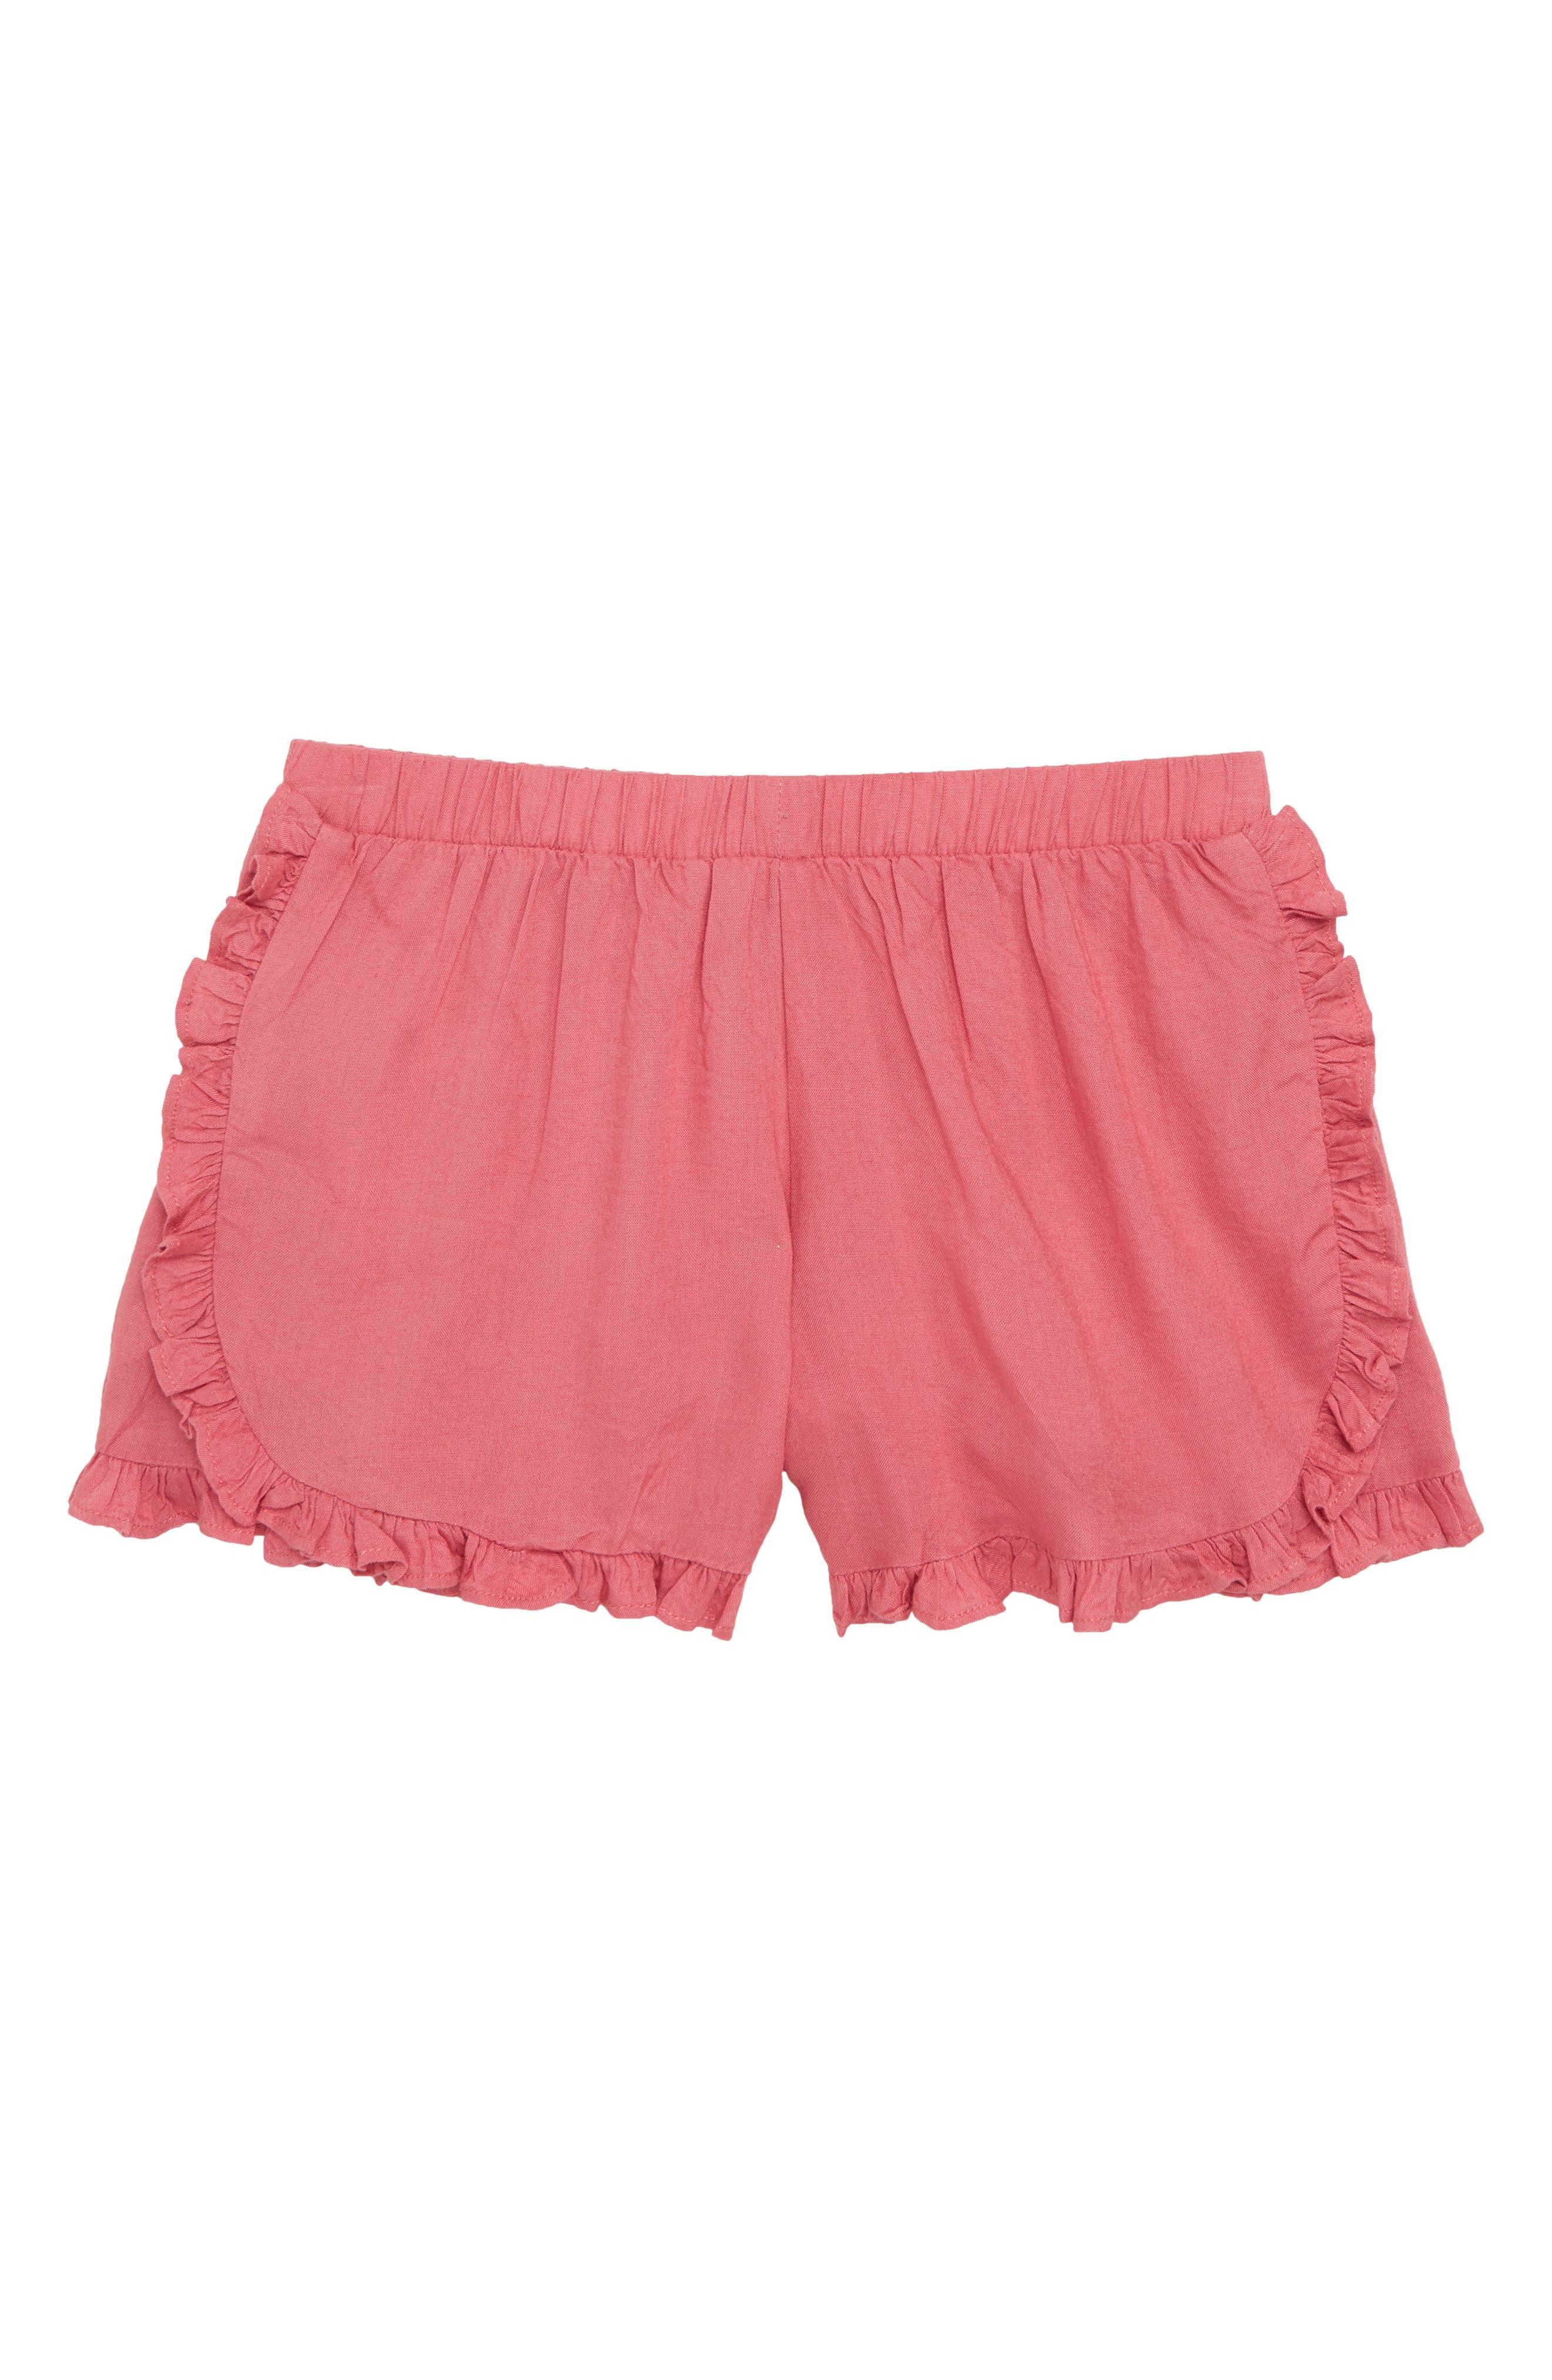 Tanya Shorts,                         Main,                         color, 676